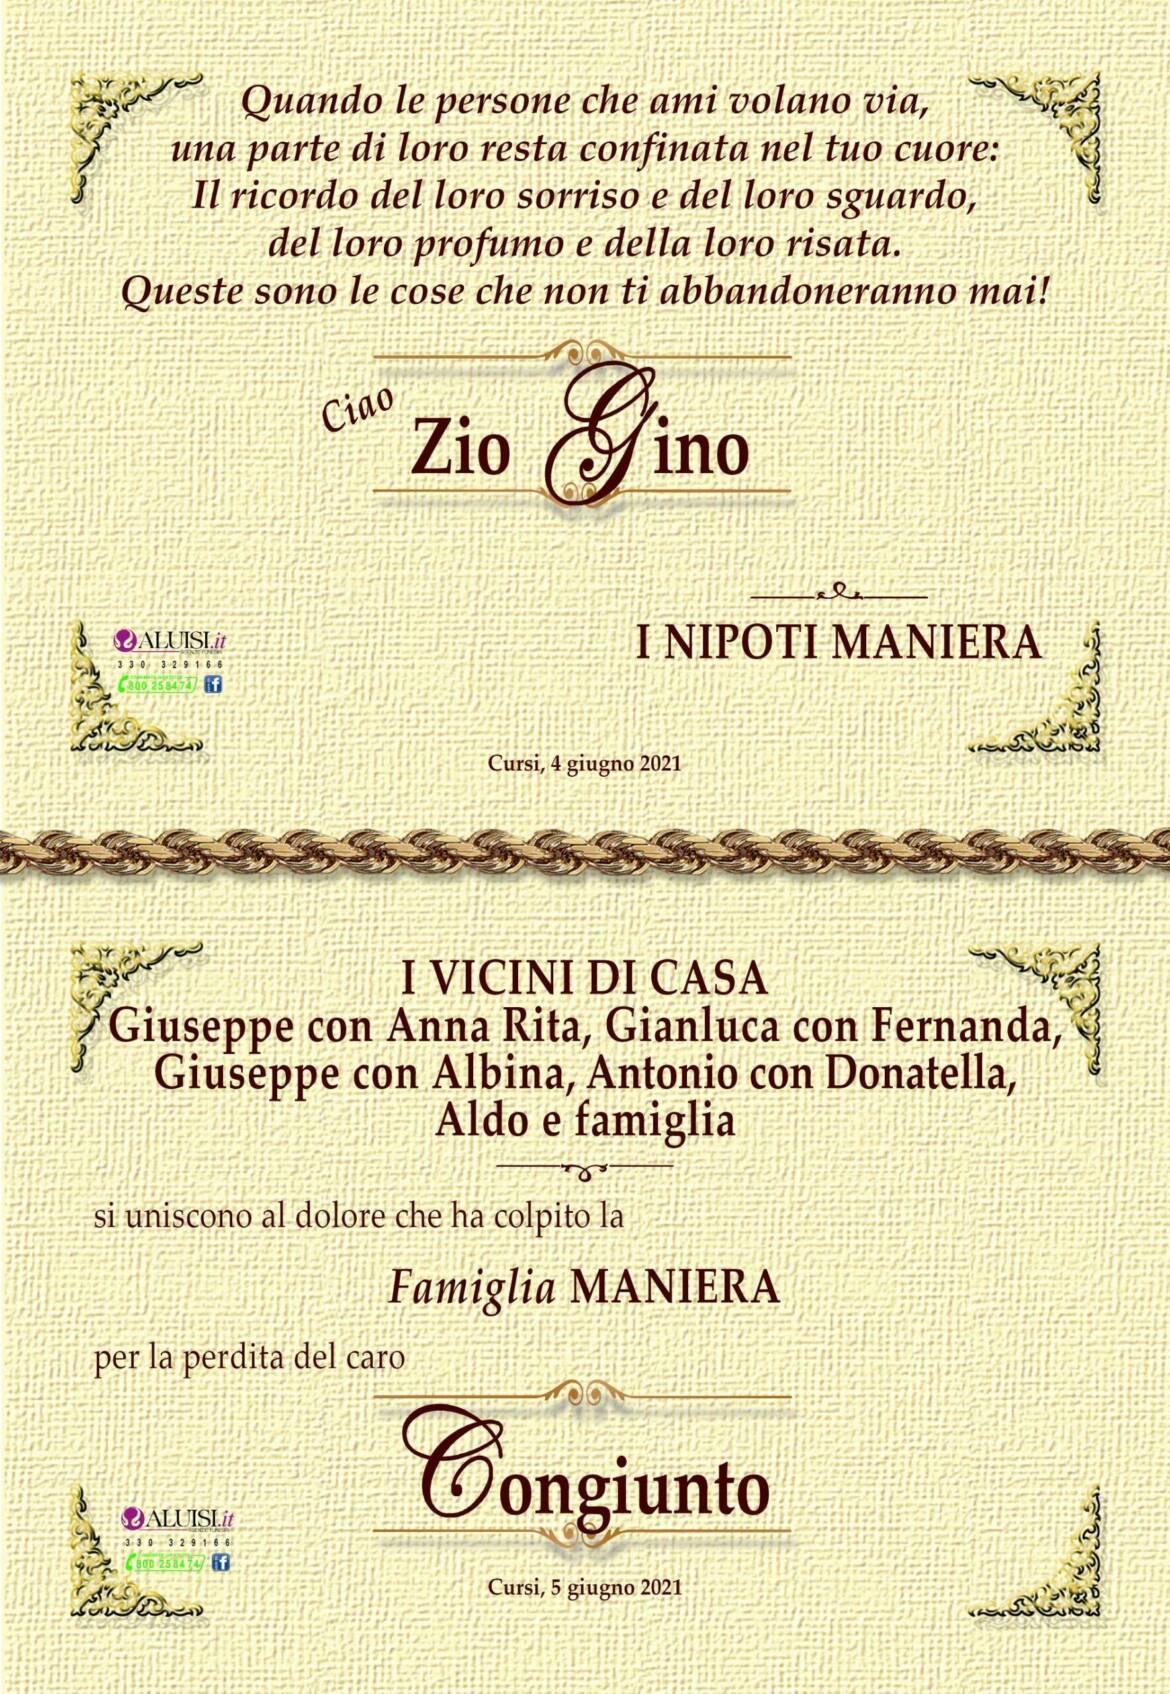 PARTECIPAZIONE-ORONZO-LUIGI-MANIERA-CURSI-3-2-scaled.jpg